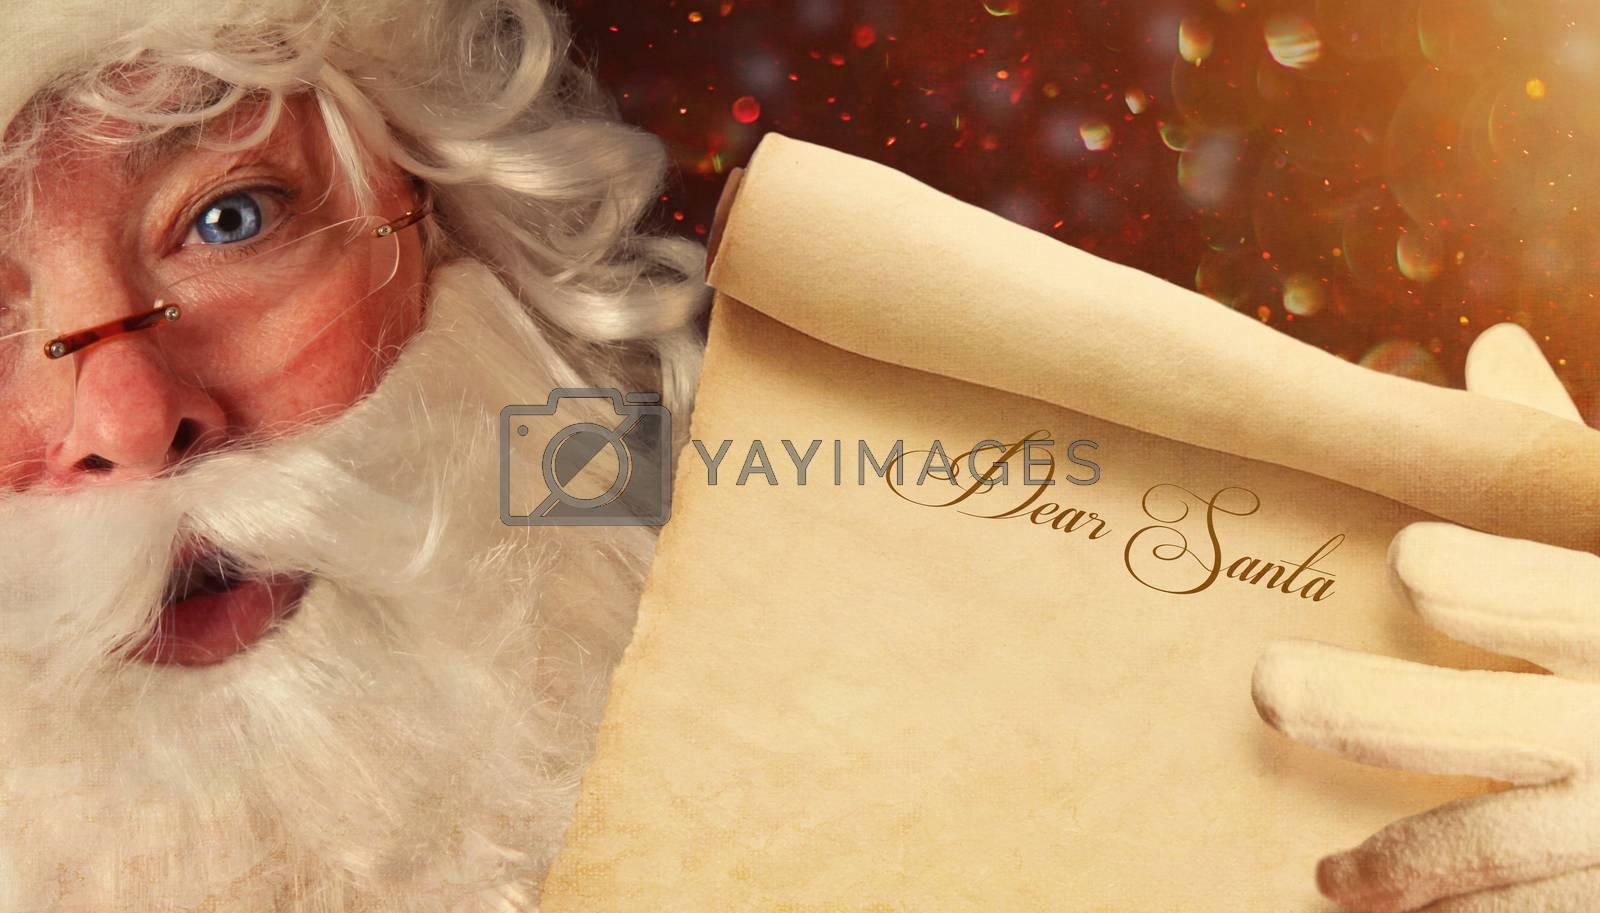 Closeup of Santa Claus holding a Dear Santa scroll